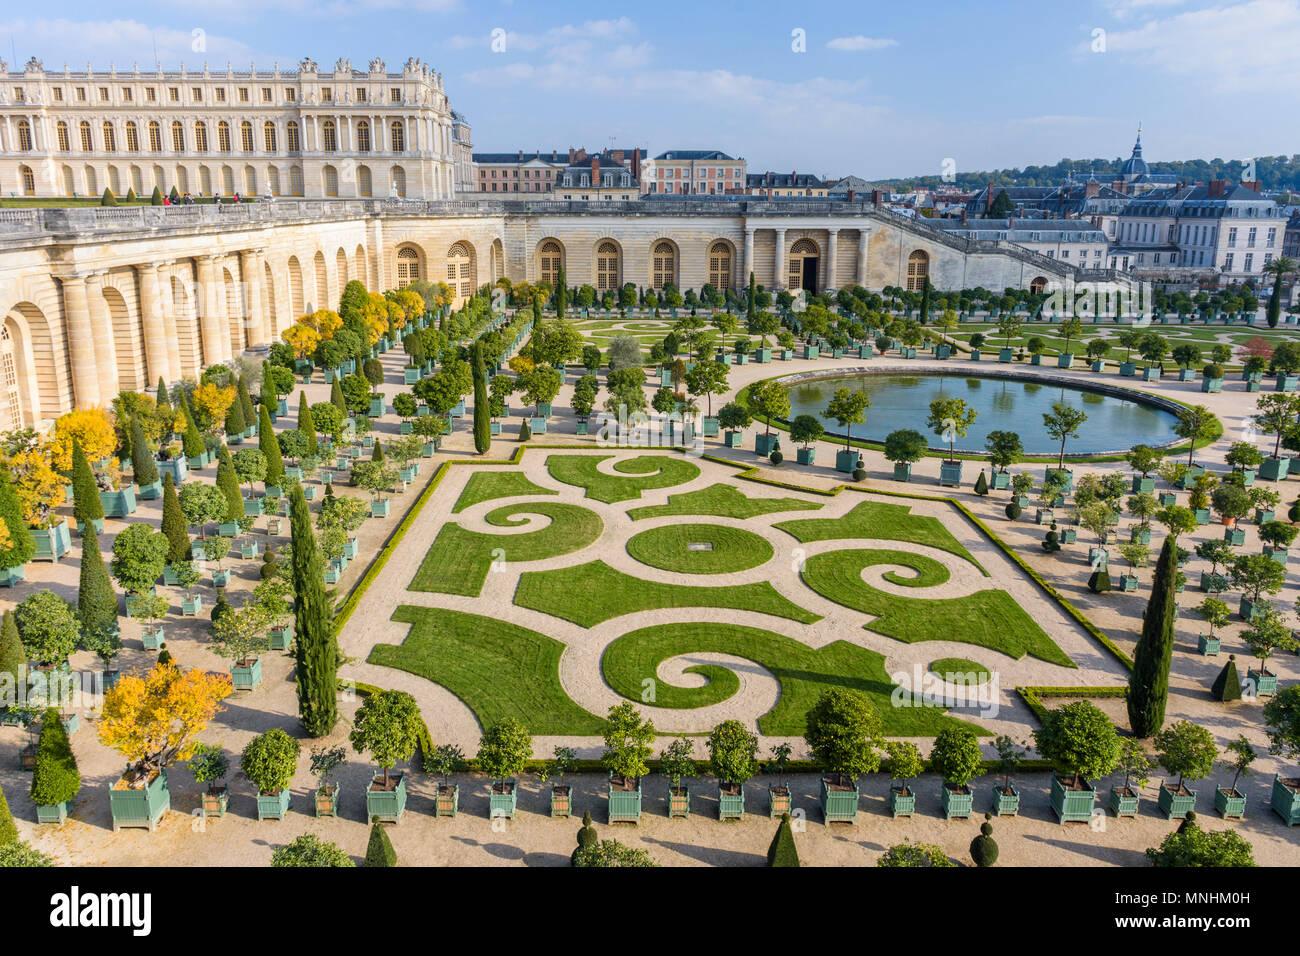 Beautiful gardens of Versailles Palace (Chateau de Versailles), Ile-de-France, France - Stock Image